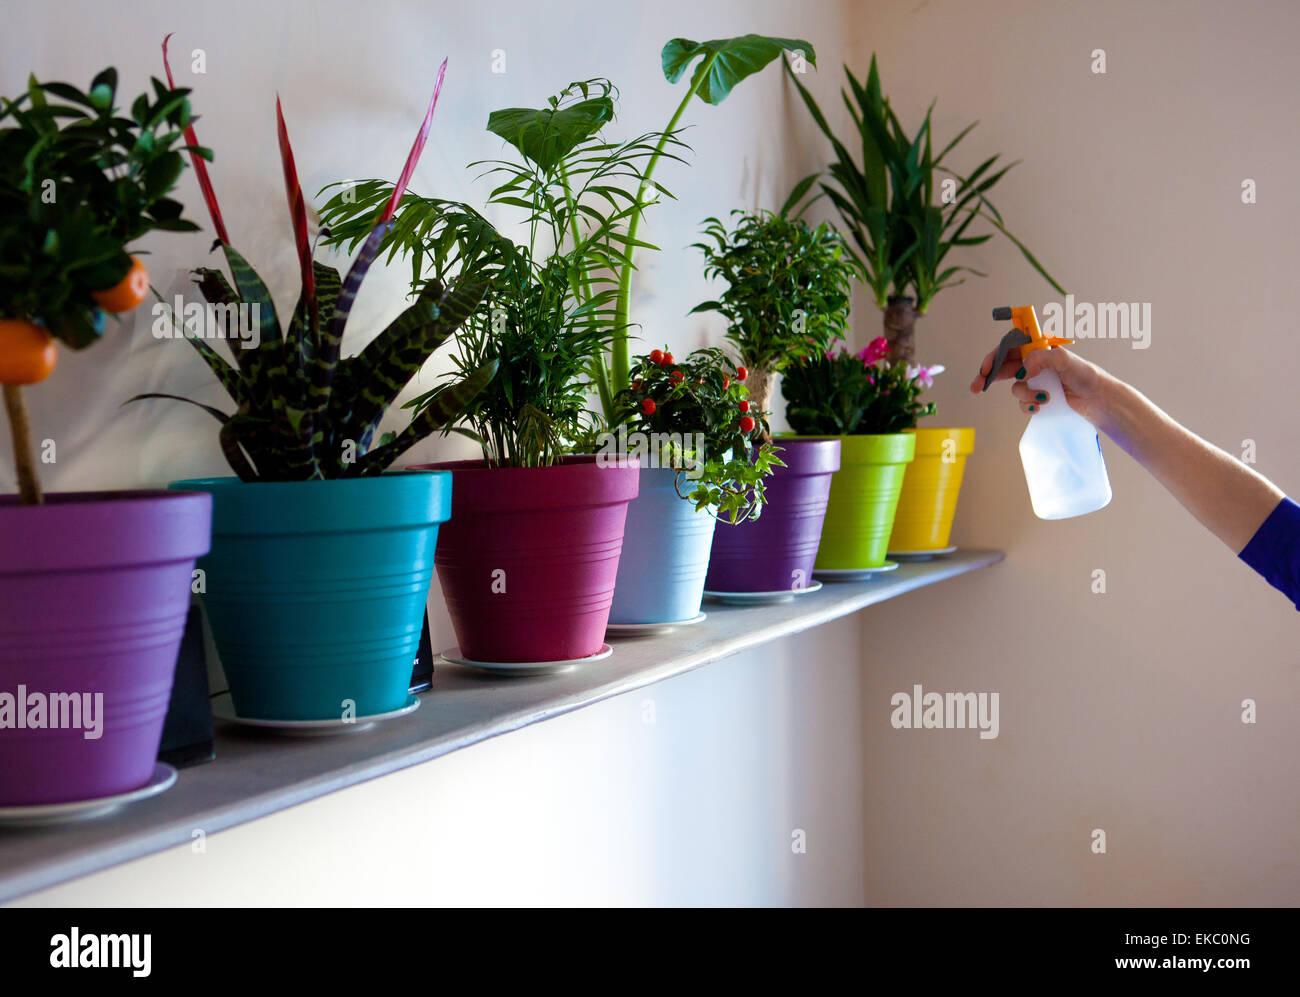 Hand der Frau Reihe von Topfpflanzen mit Wasser besprühen Stockbild